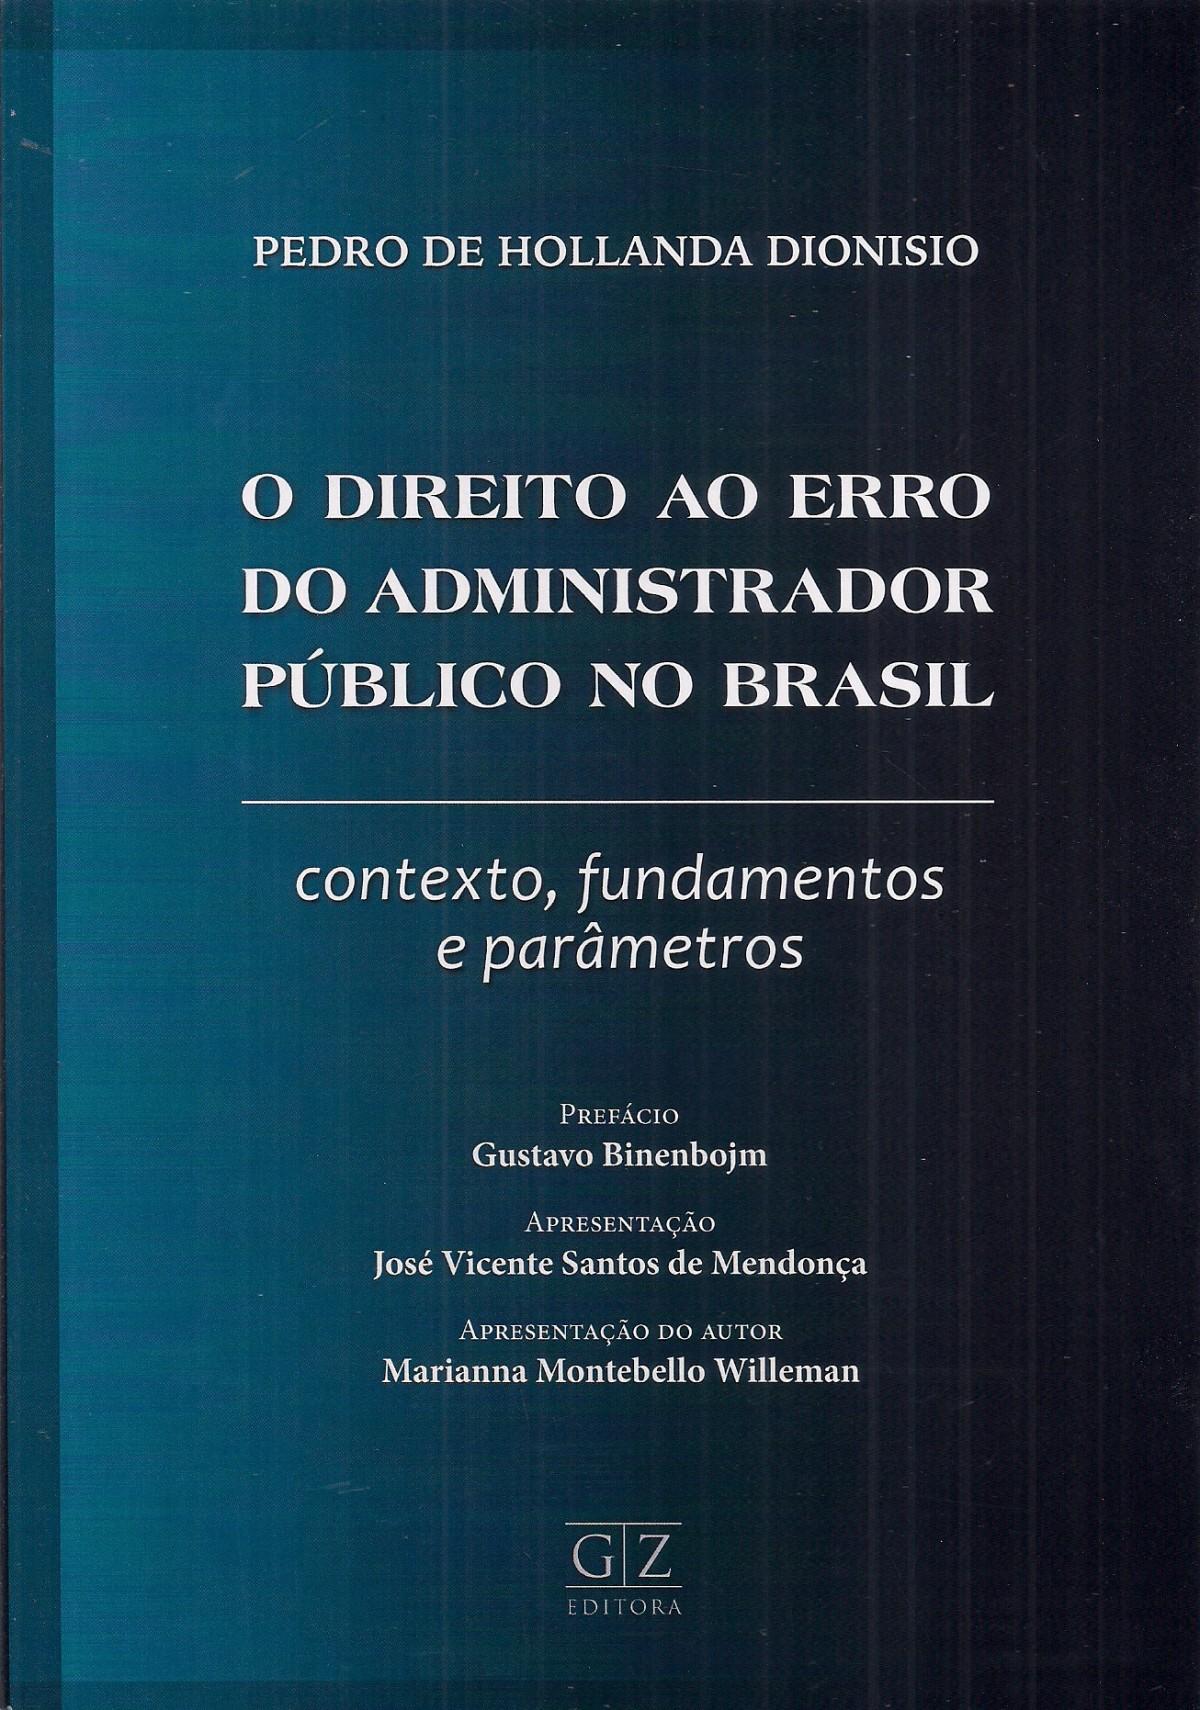 Foto 1 - O Direito ao Erro do Administrador Público no Brasil